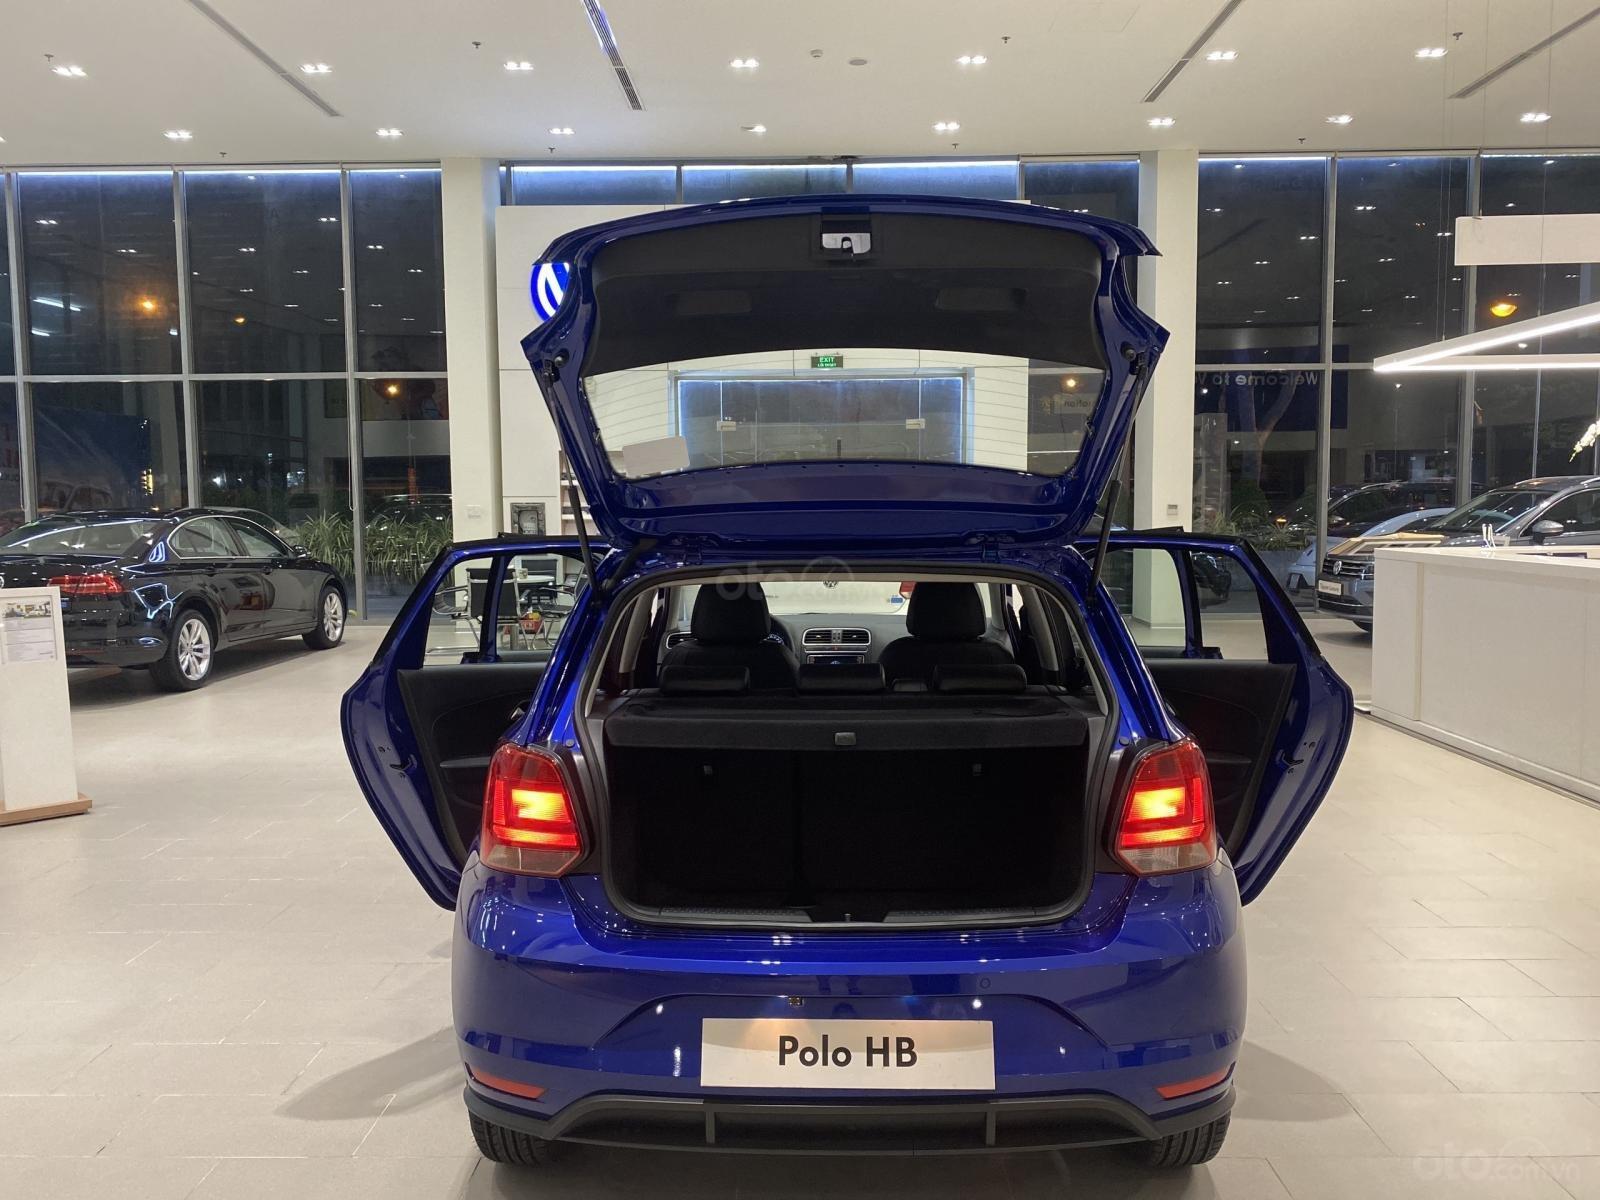 Polo hatchback màu xanh giá tốt - giảm tiền mặt + quà tặng ưu đãi lớn nhất năm (13)